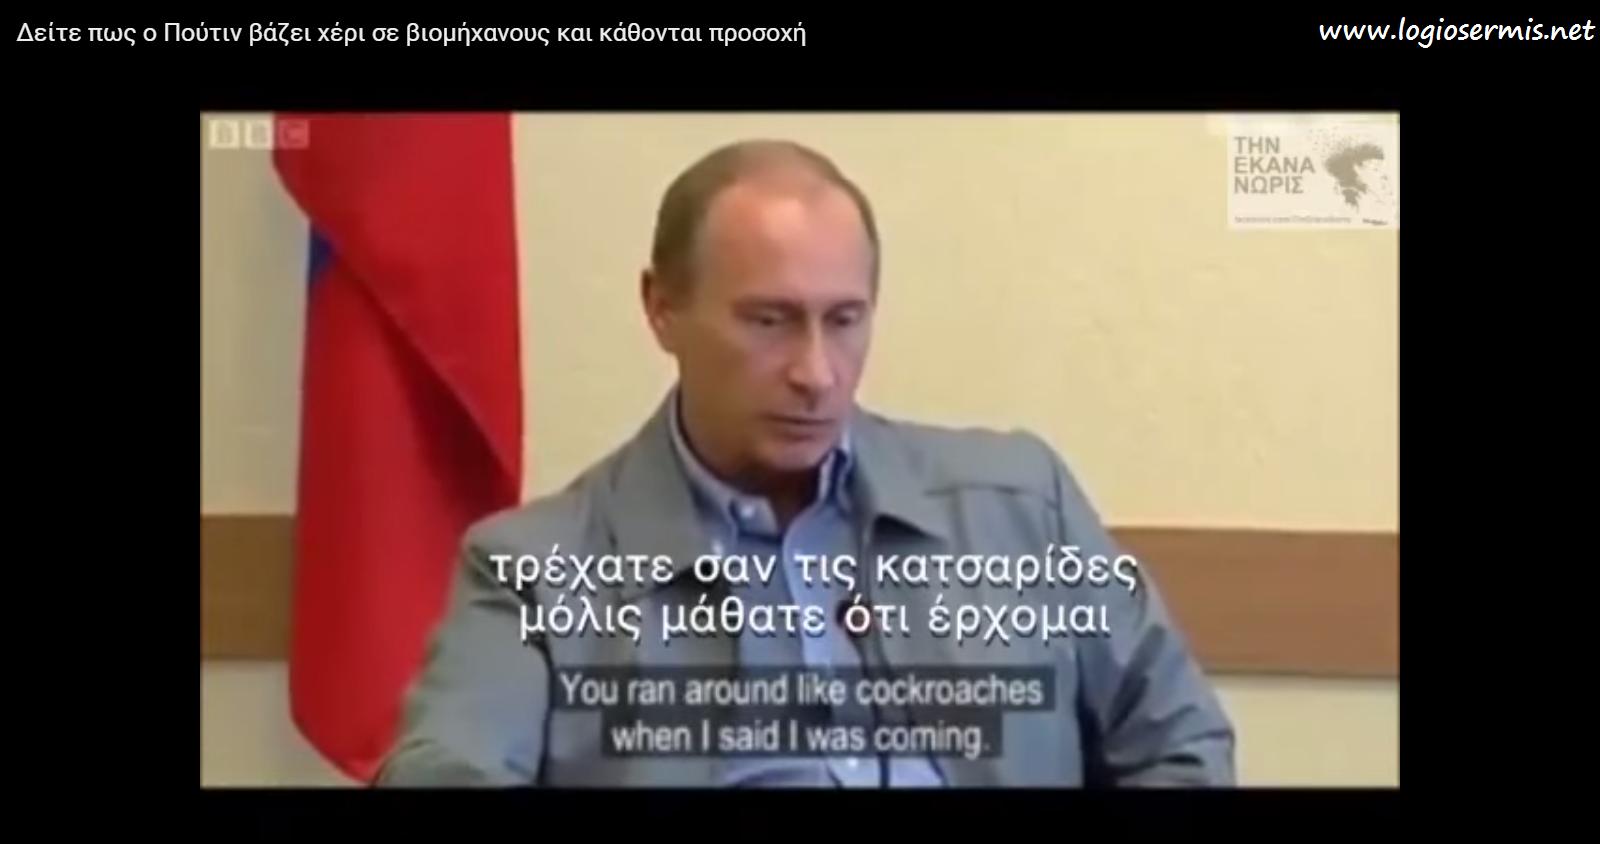 «Τρελάθηκε» το πλήθος όταν ο Βλ. Πούτιν άρχισε να μιλά στα αγγλικά (οχι του Τσιπρα τα αγγλικά) στο Παγκόσμιο Φεστιβάλ Νέων στο Σότσι (βίντεο)